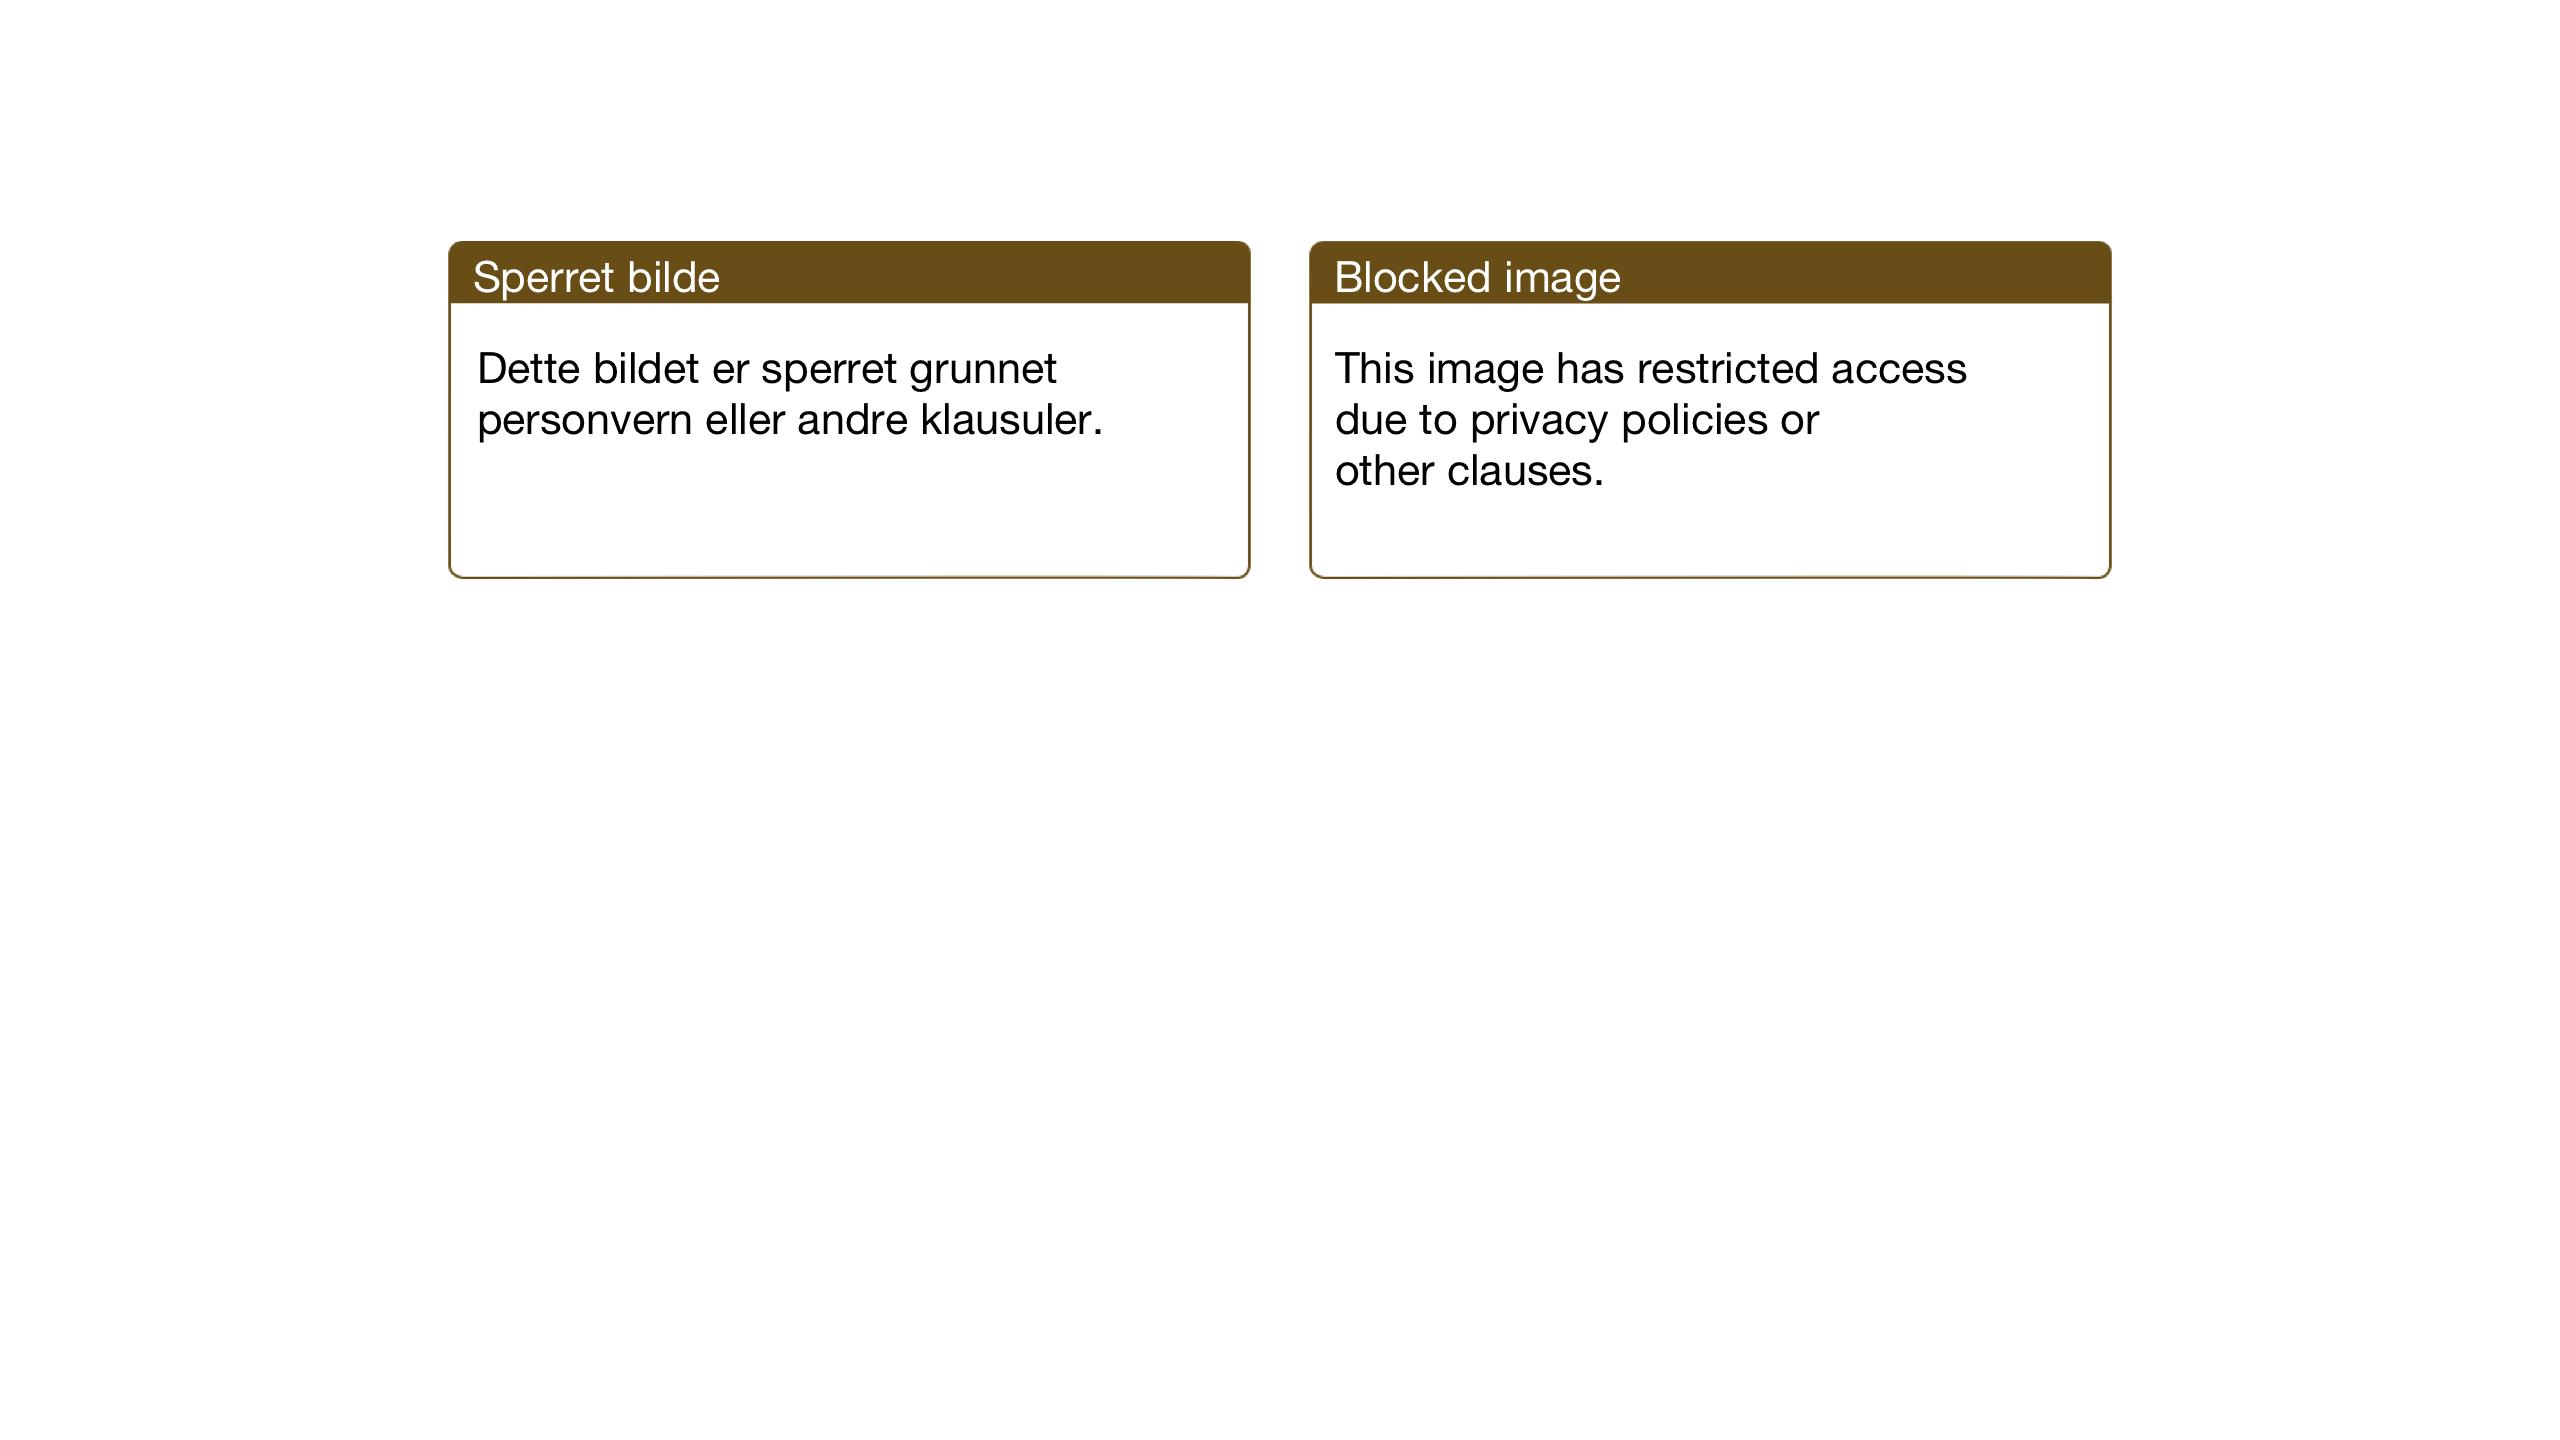 SAT, Ministerialprotokoller, klokkerbøker og fødselsregistre - Nord-Trøndelag, 722/L0227: Klokkerbok nr. 722C03, 1928-1958, s. 126